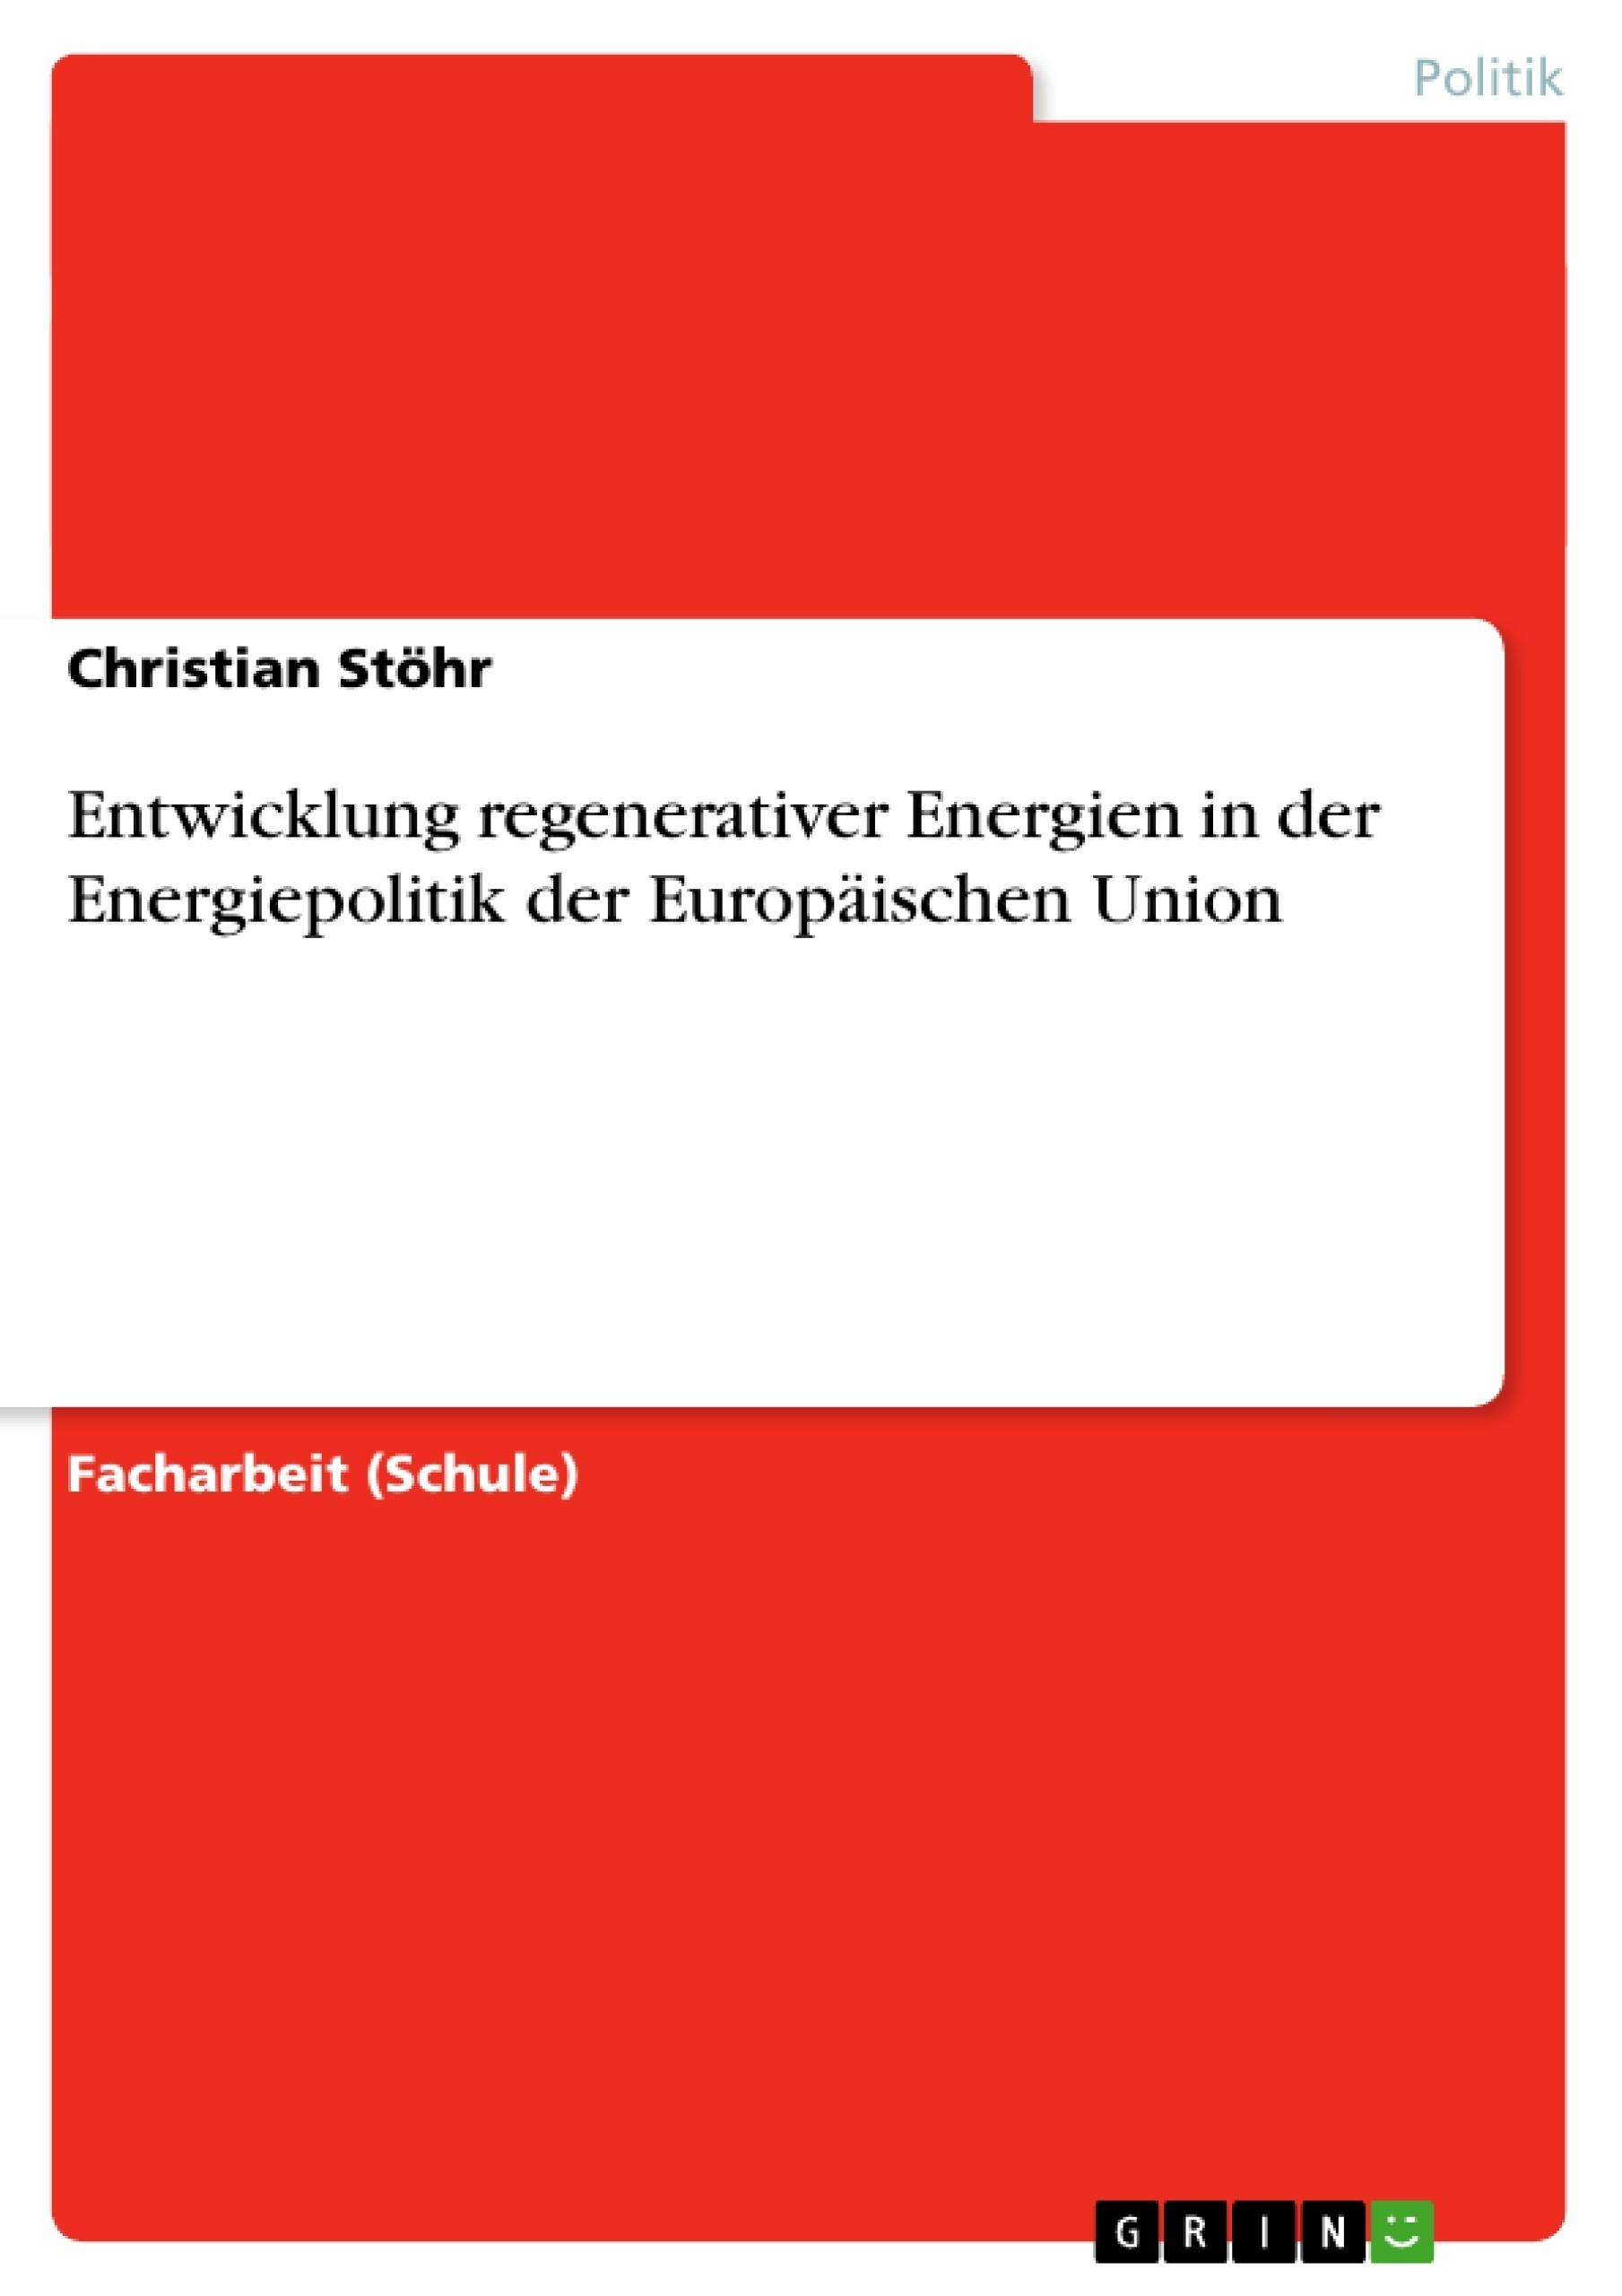 Titel: Entwicklung regenerativer Energien in der Energiepolitik der Europäischen Union